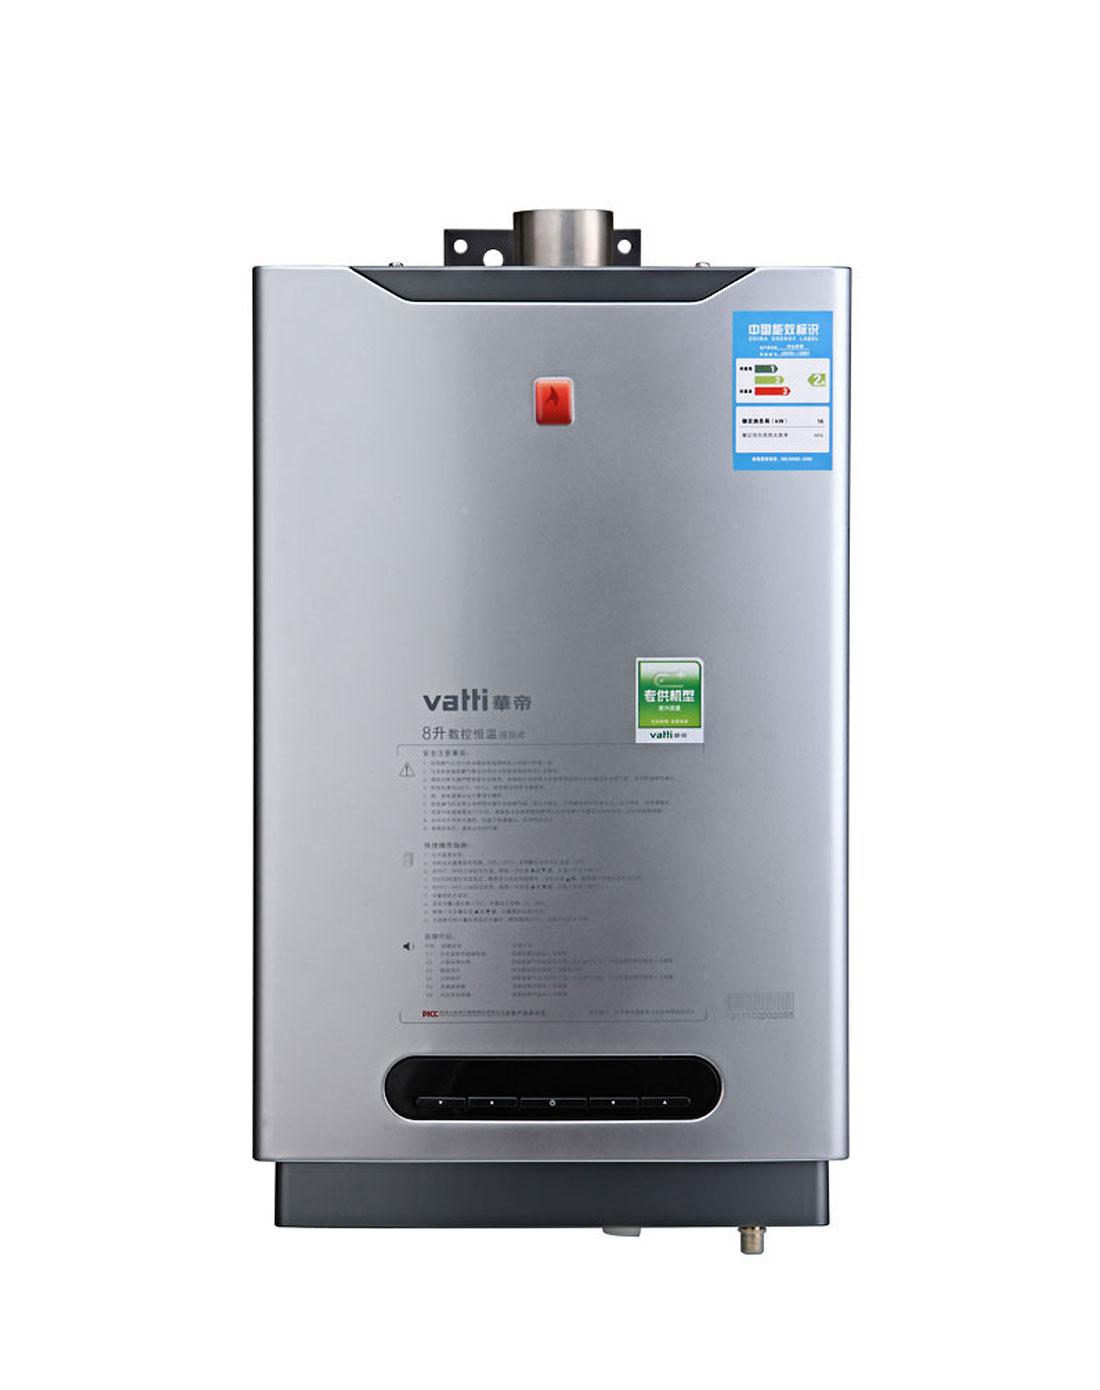 华帝vatti厨电专场华帝燃气热水器i12001(y)液化气i